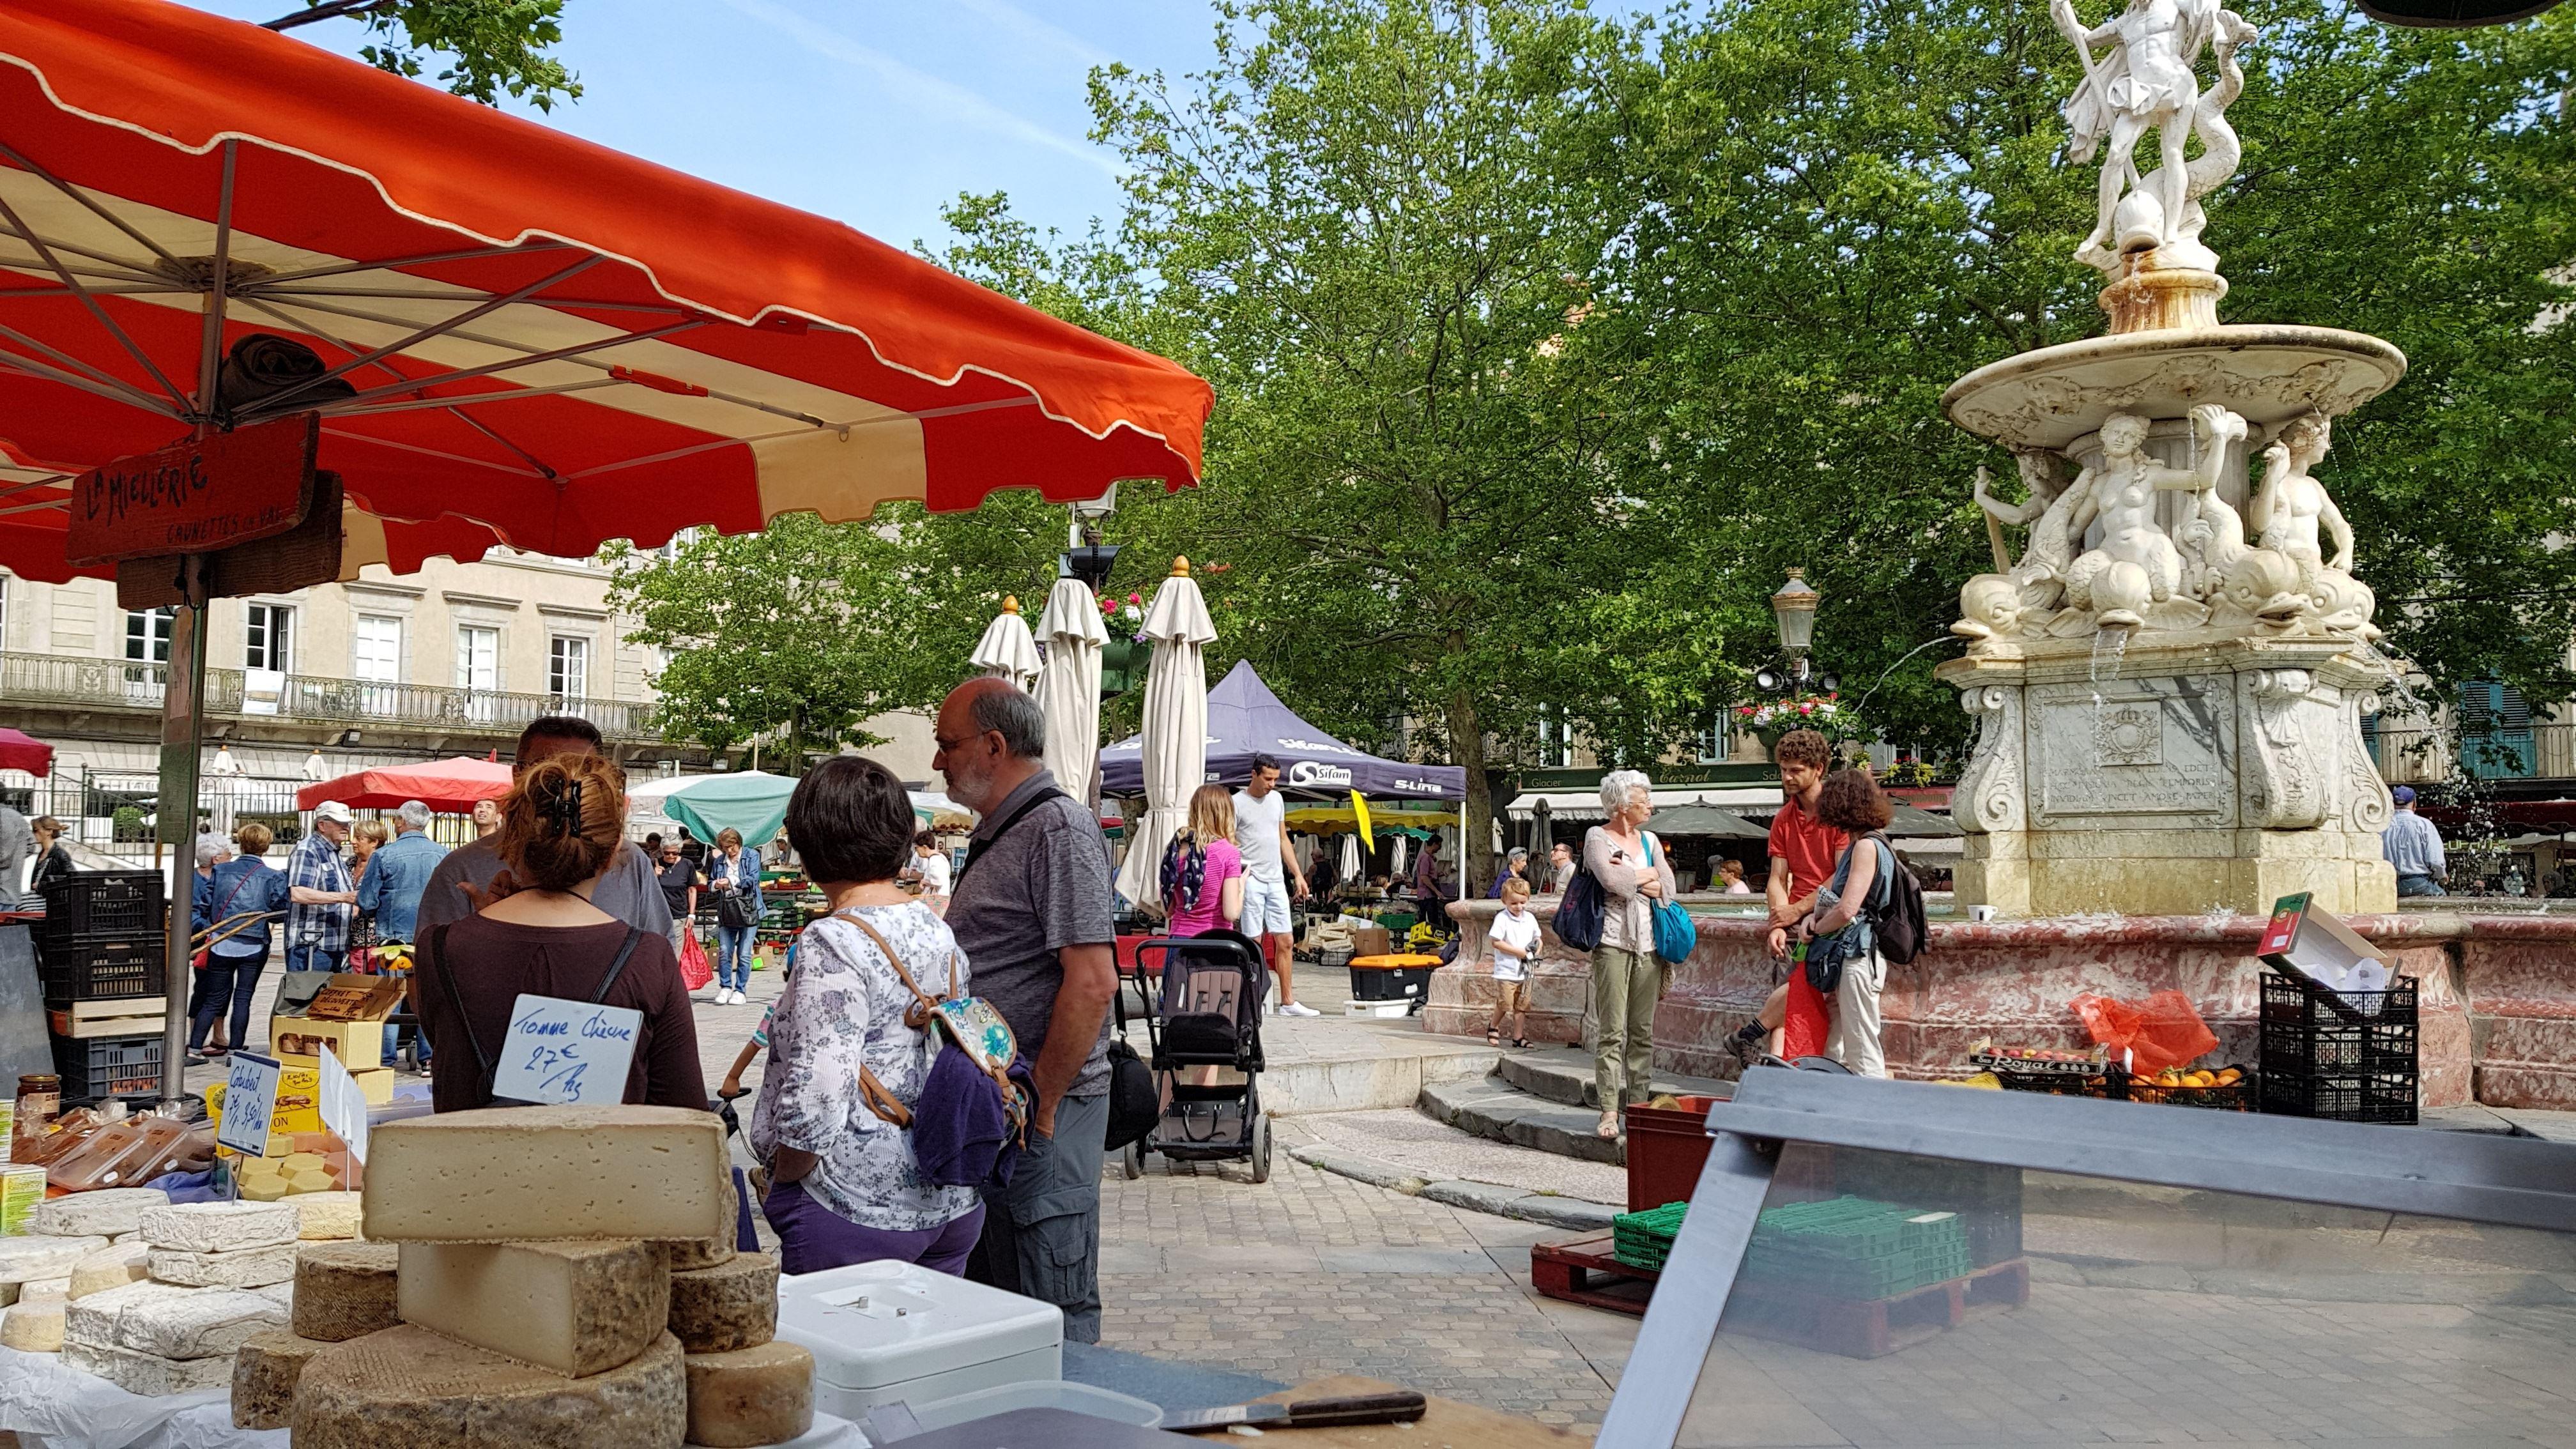 Visita guiada - Bastide Saint-Louis - Sabores gourmets y patrimonio - 1h45 - Francés